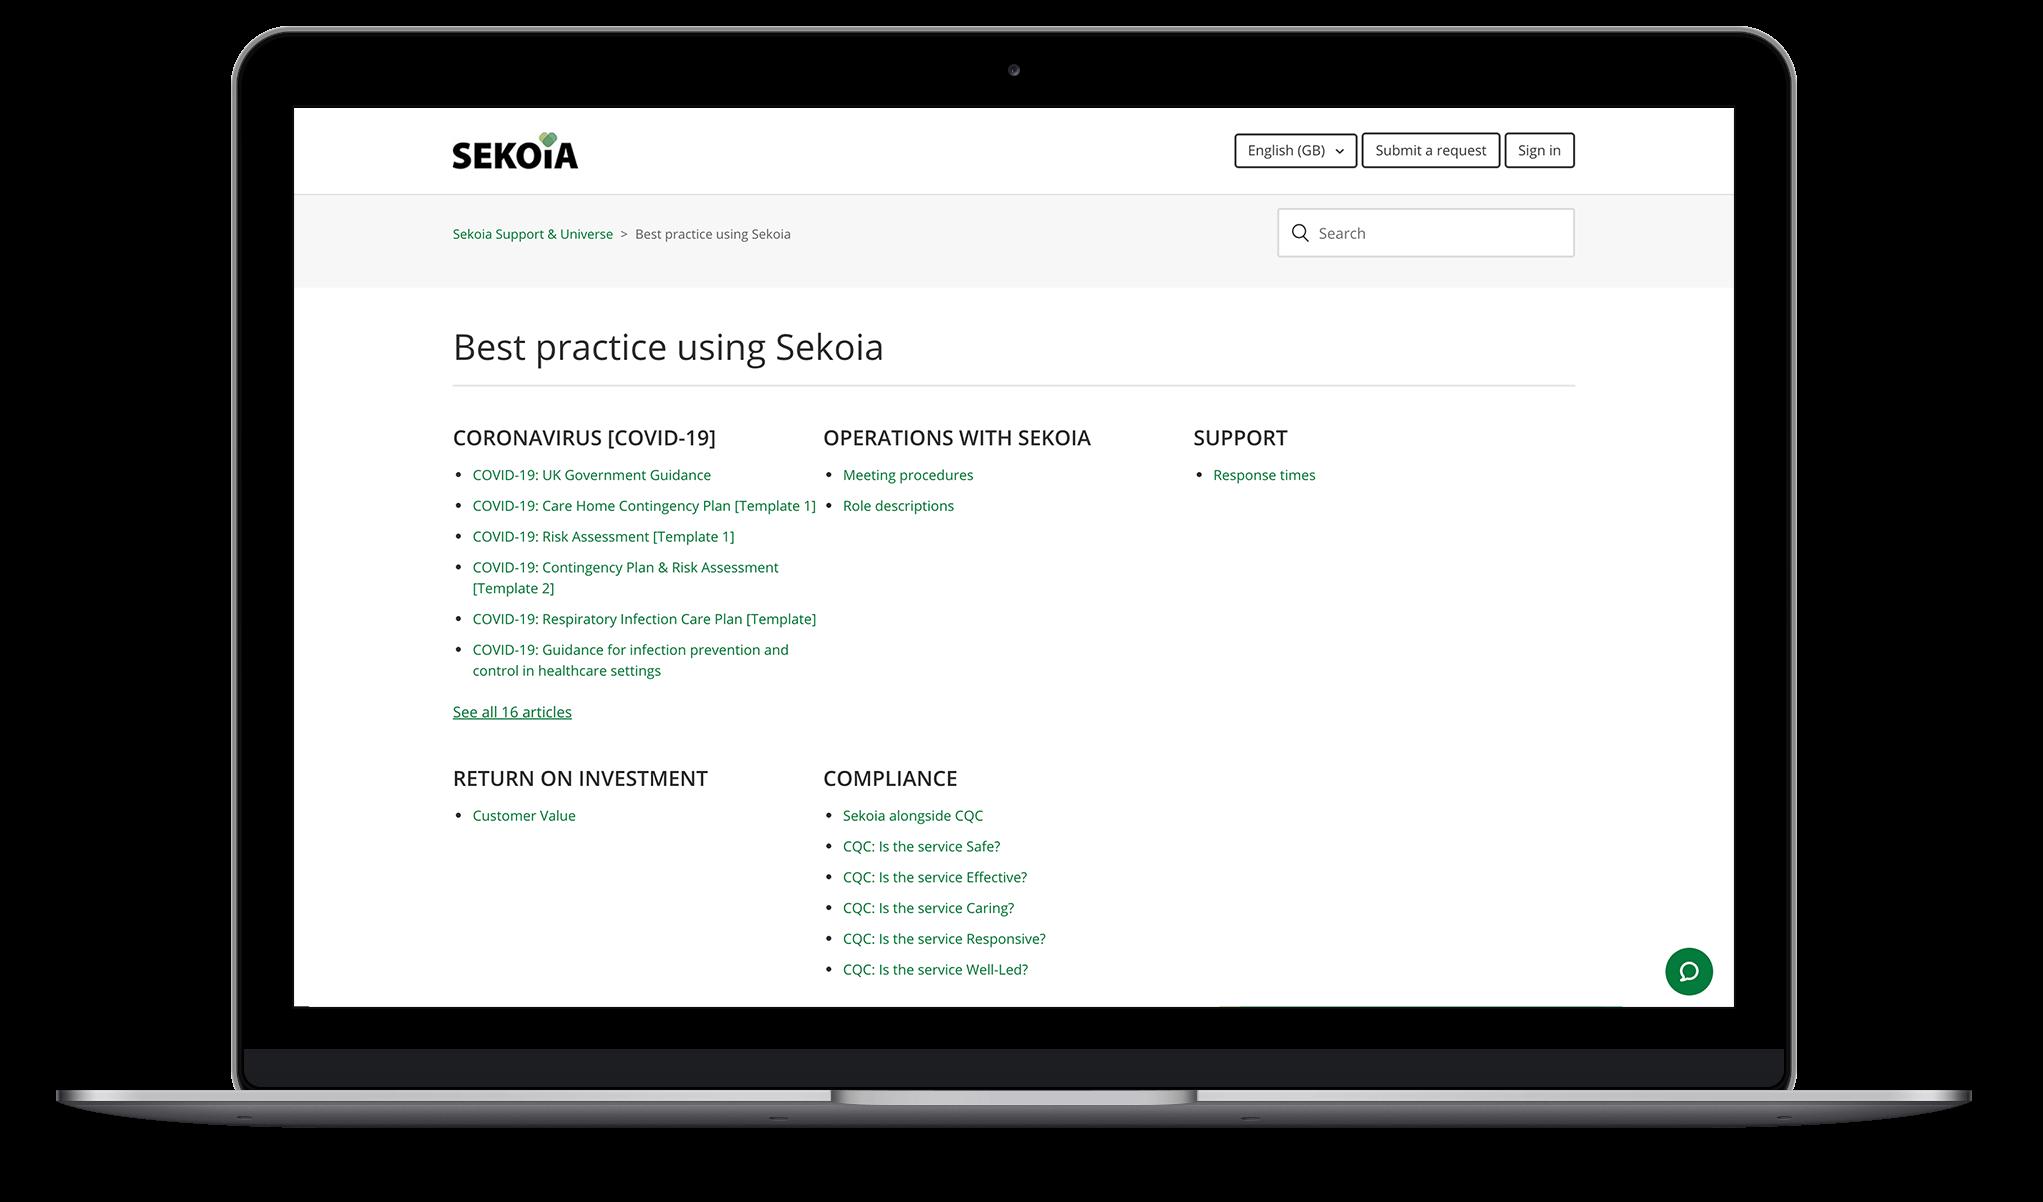 Best practice using Sekoia